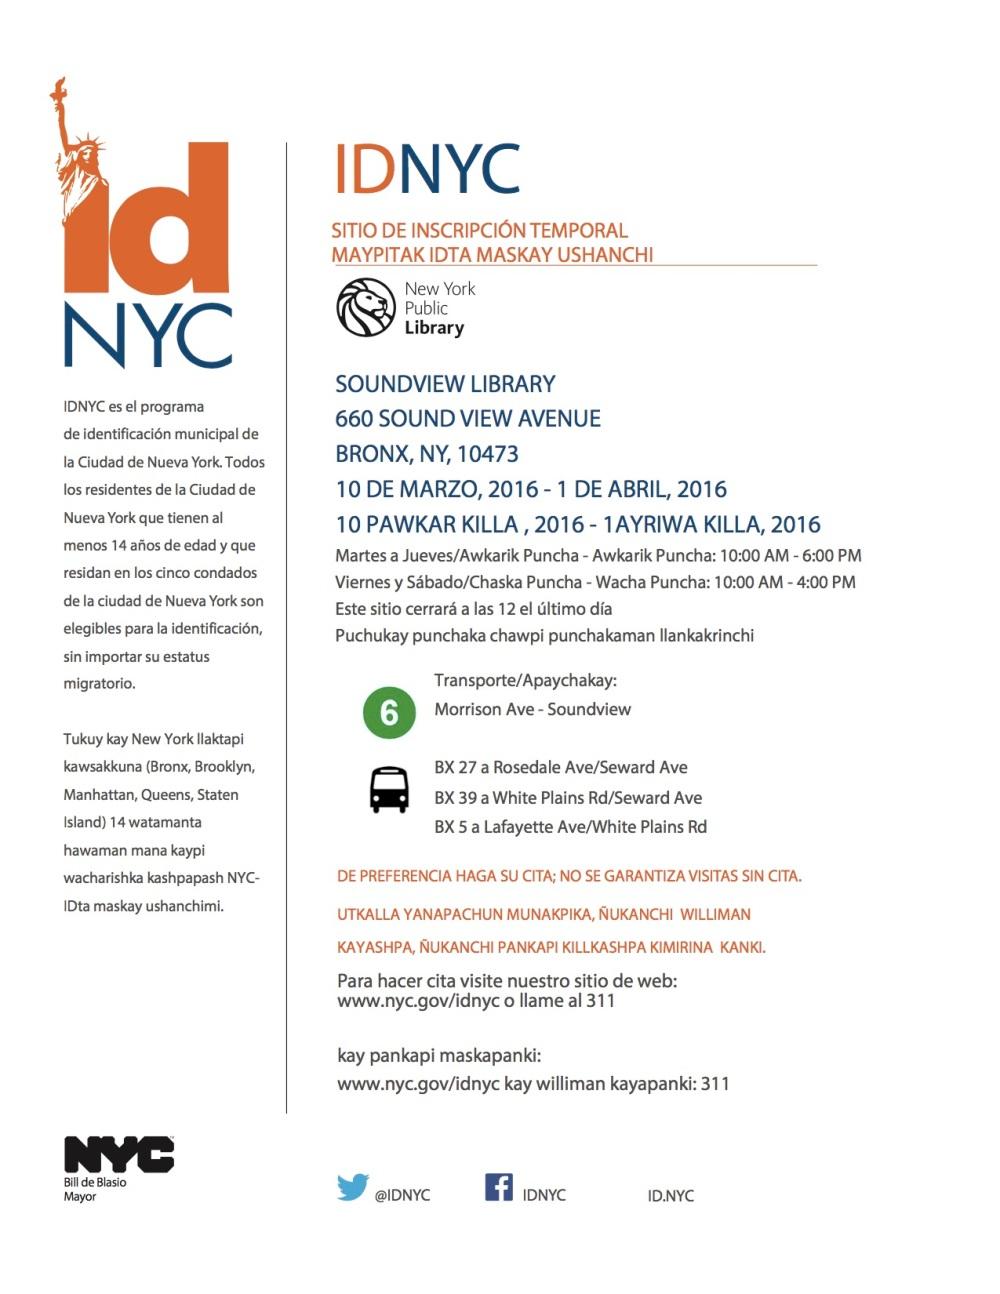 IDNYC_Flyer_pop-up_site_Soundview_Kichwa (1).jpg